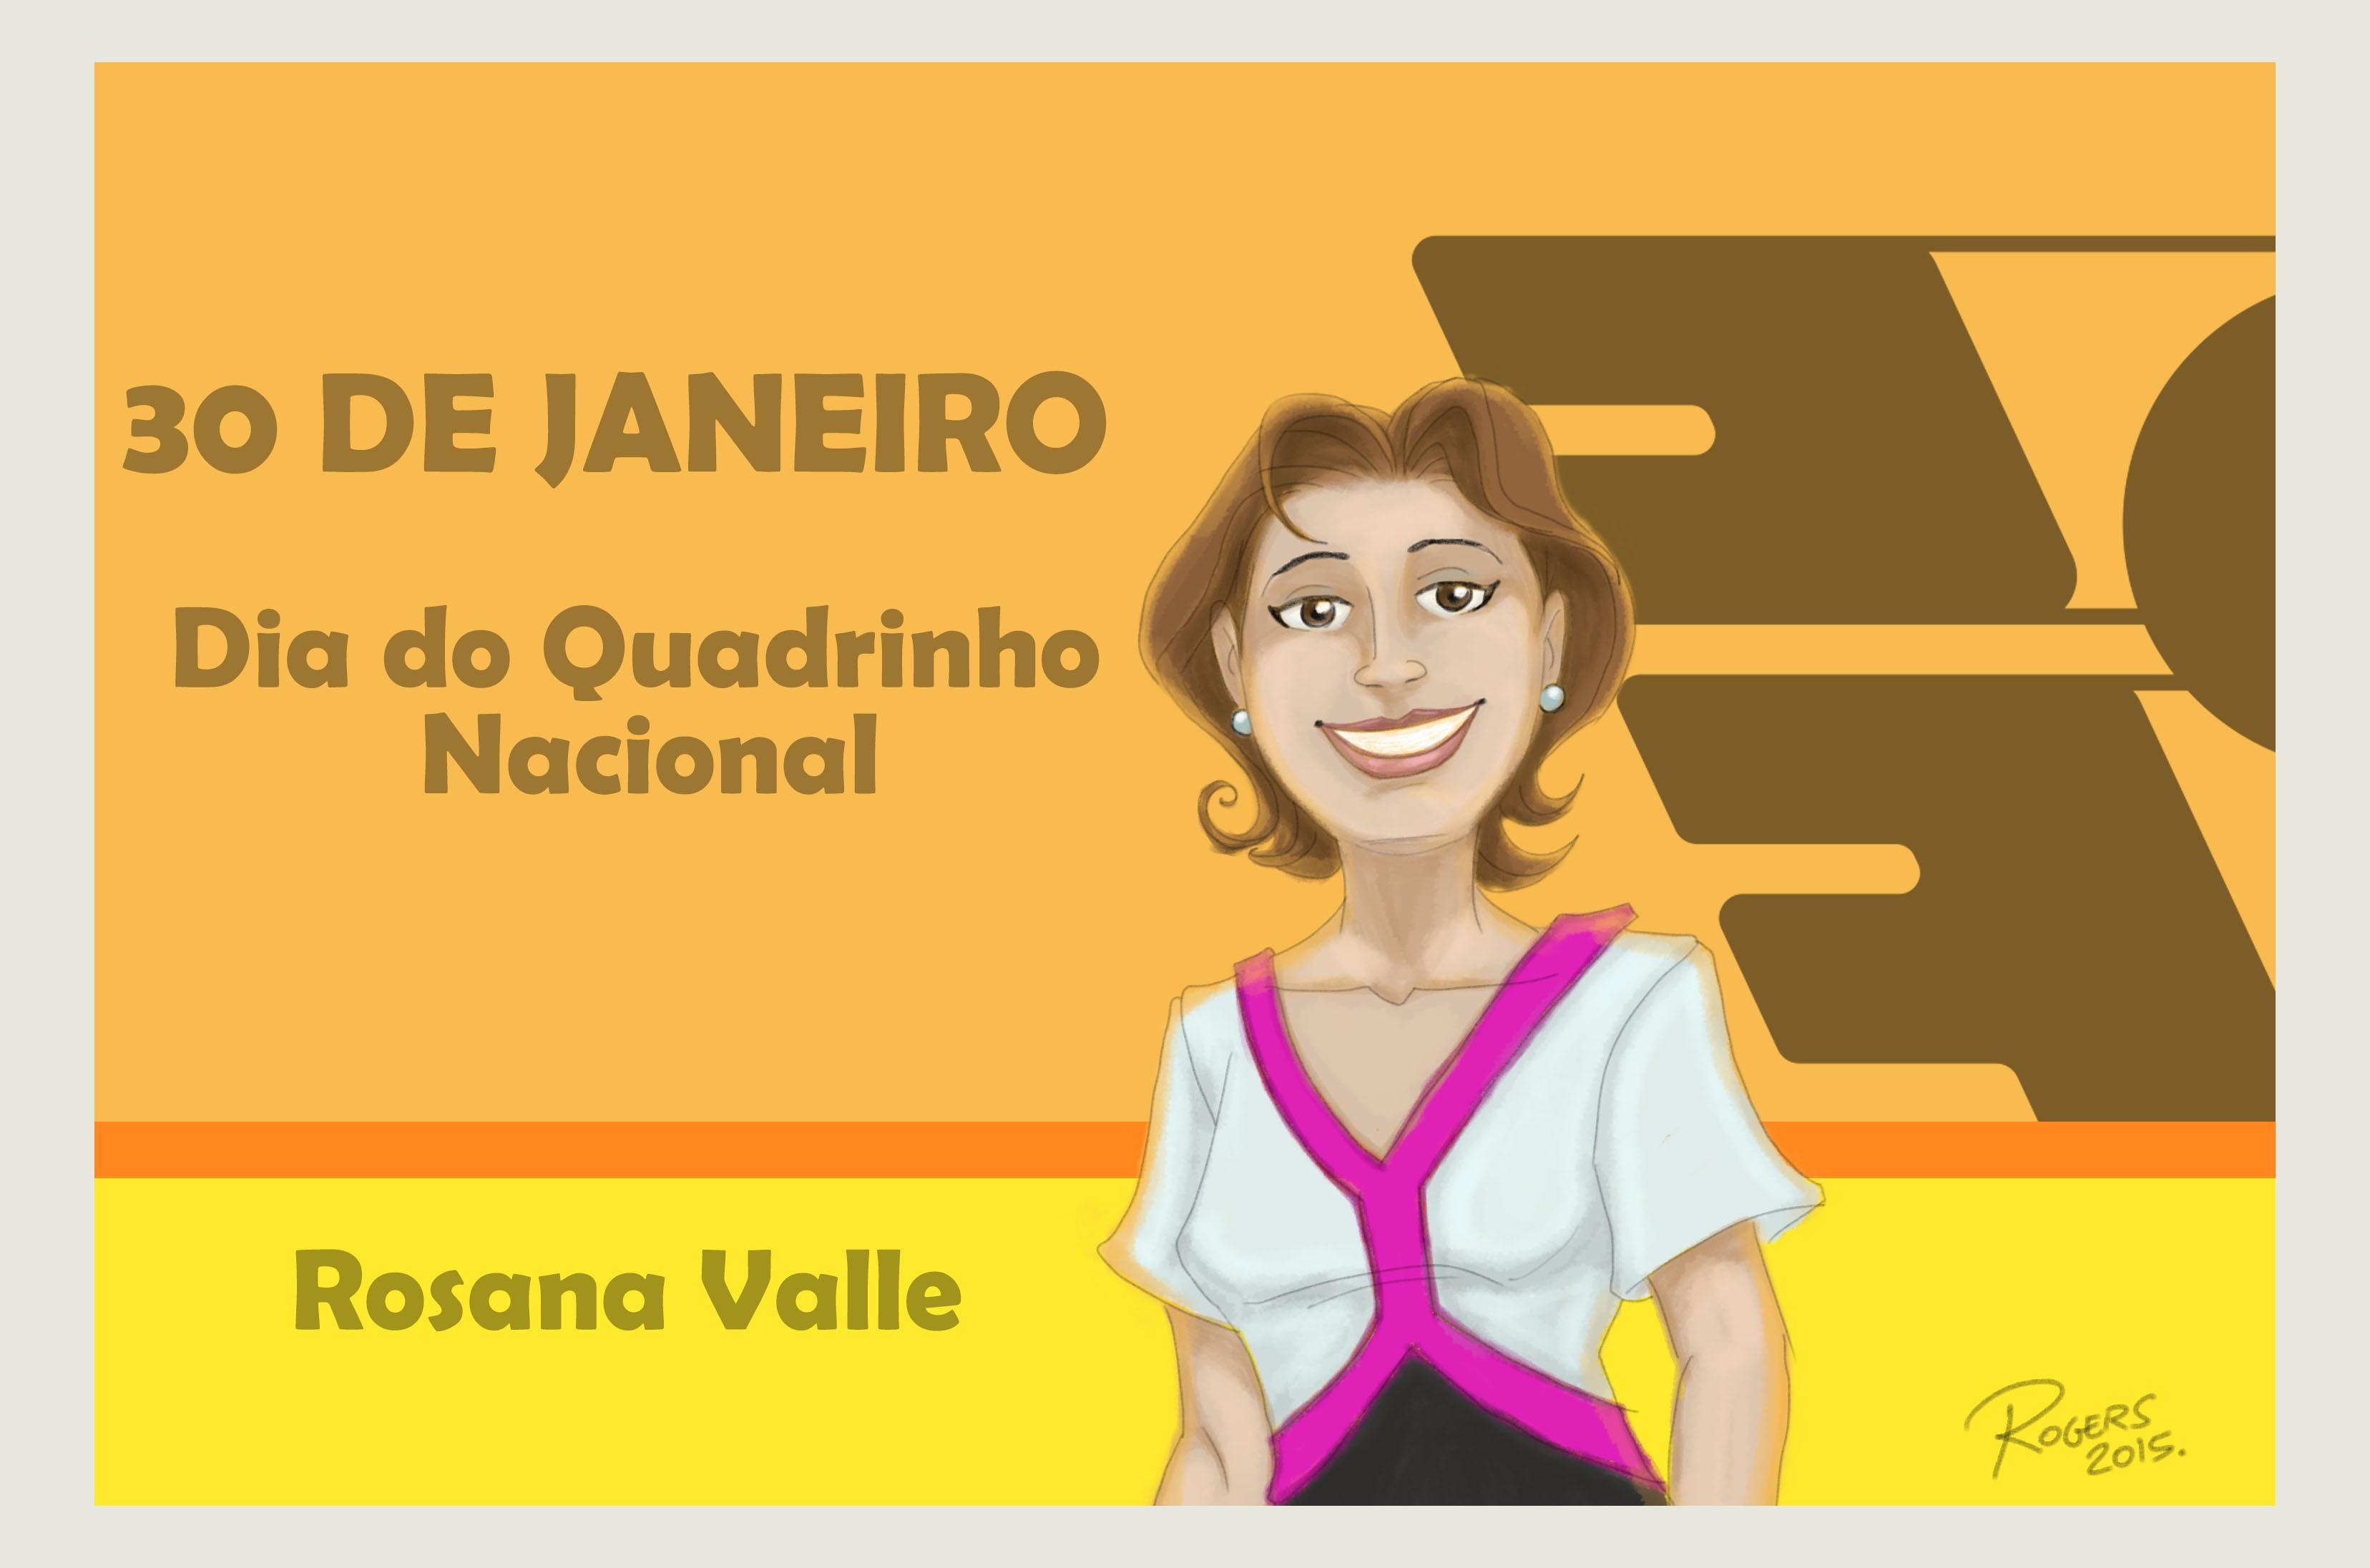 30 de janeiro - Dia do Quadrinho Nacional (Foto: Rogers Lima Saccani)